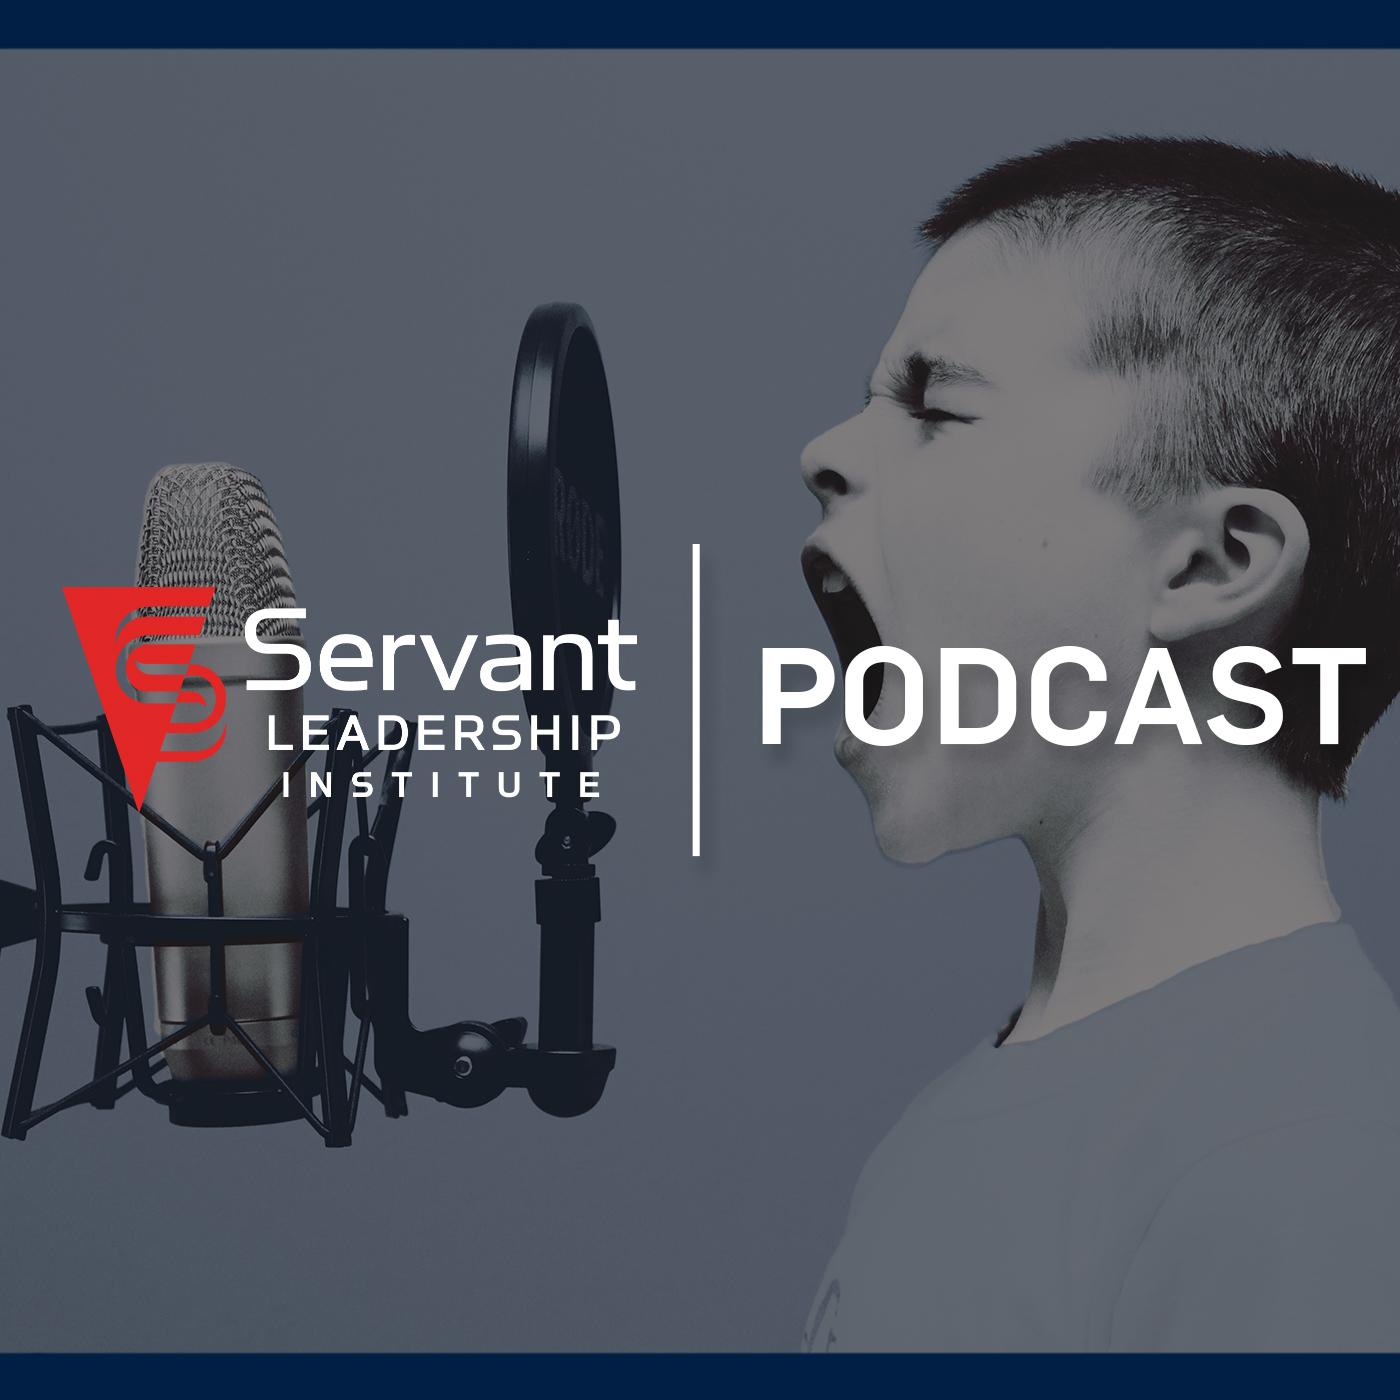 Servant Leadership Institute Podcast